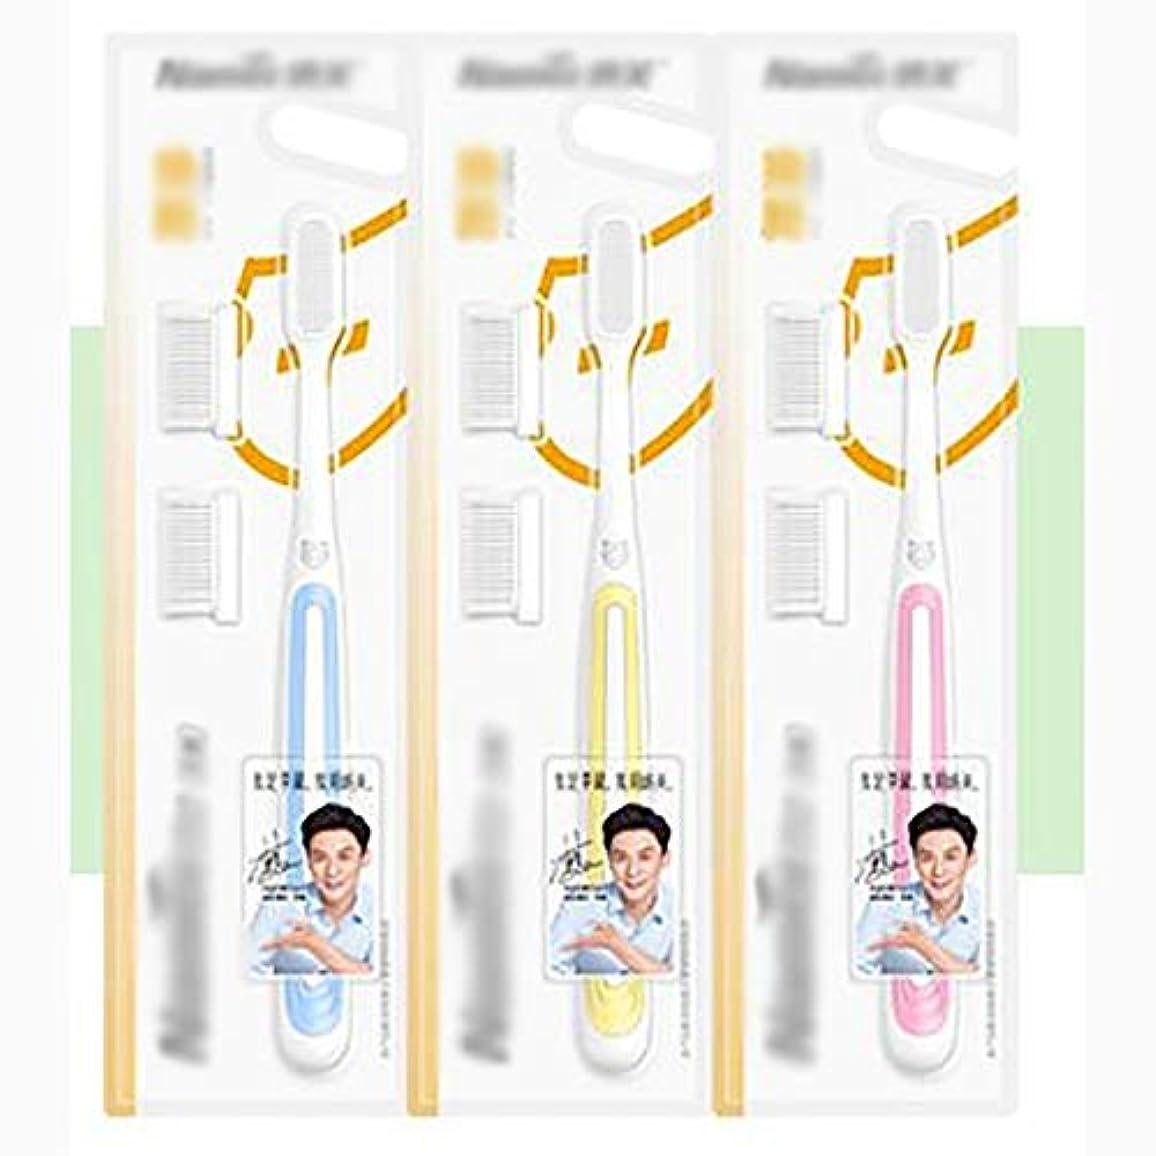 のクレーンミネラルナノナノソフト髪大人歯ブラシ、クリーン歯ブラシ家族旅行9パック